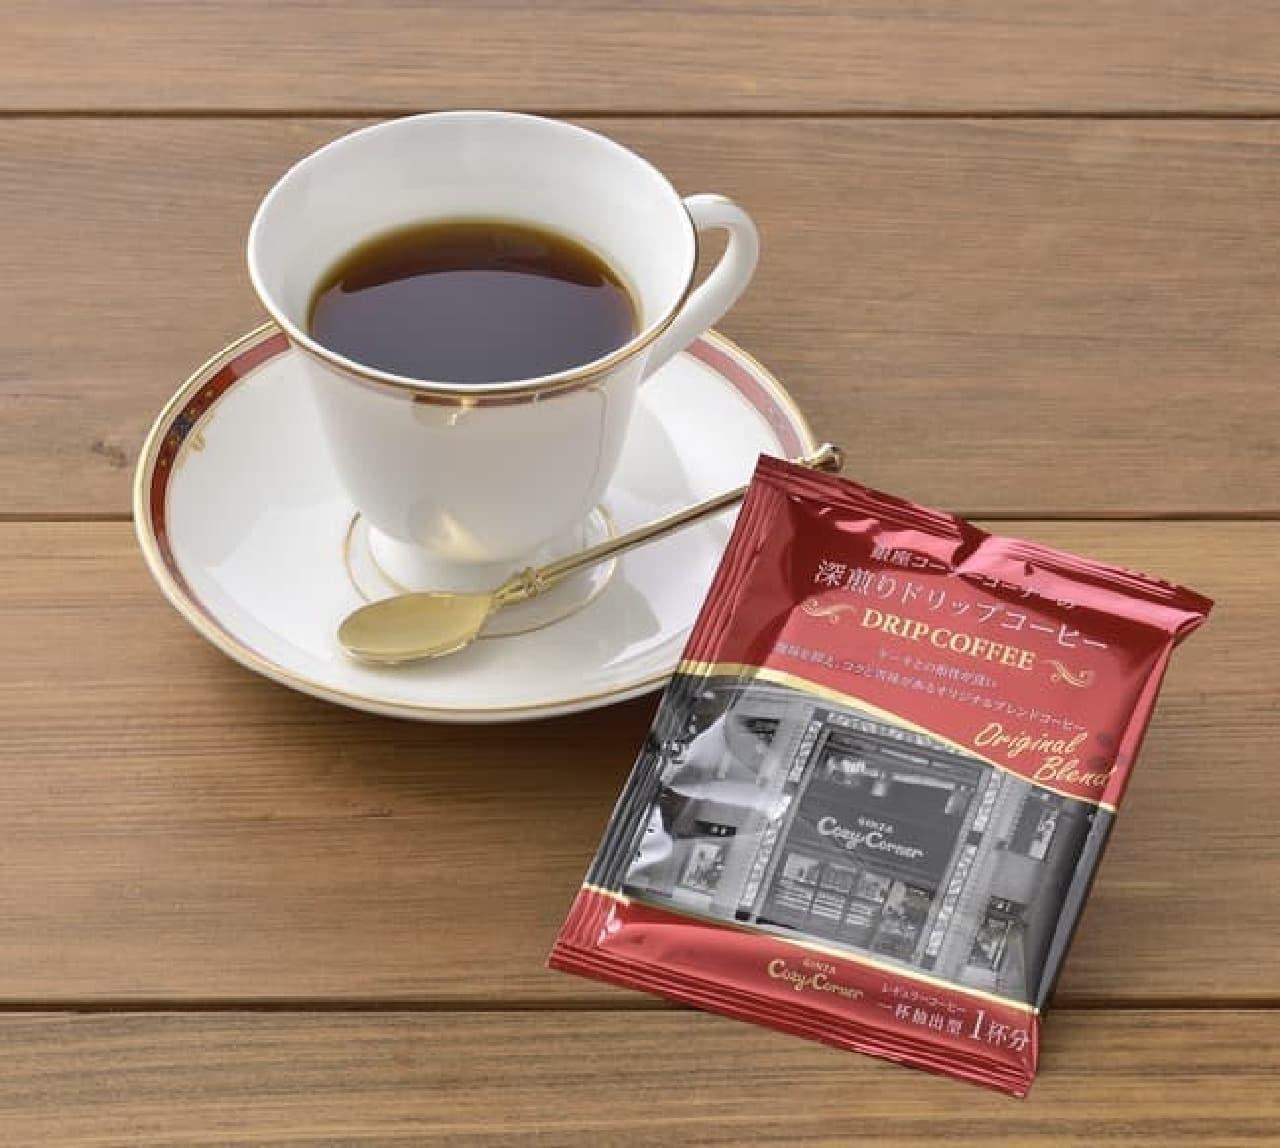 銀座コージーコーナー「深煎りドリップコーヒー ドリップパック」